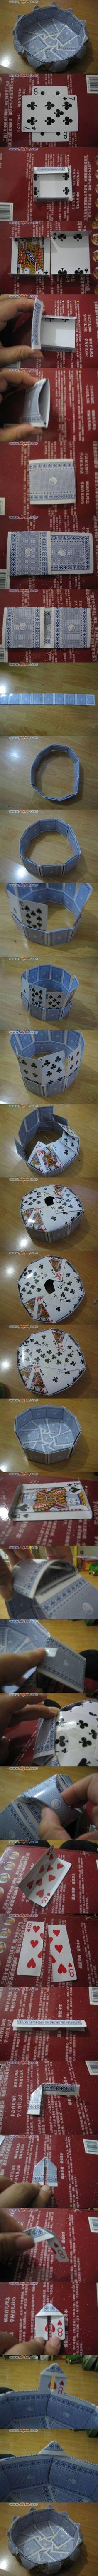 DIY Vase of Playing Cards DIY Vase of Playing Cards by diyforever